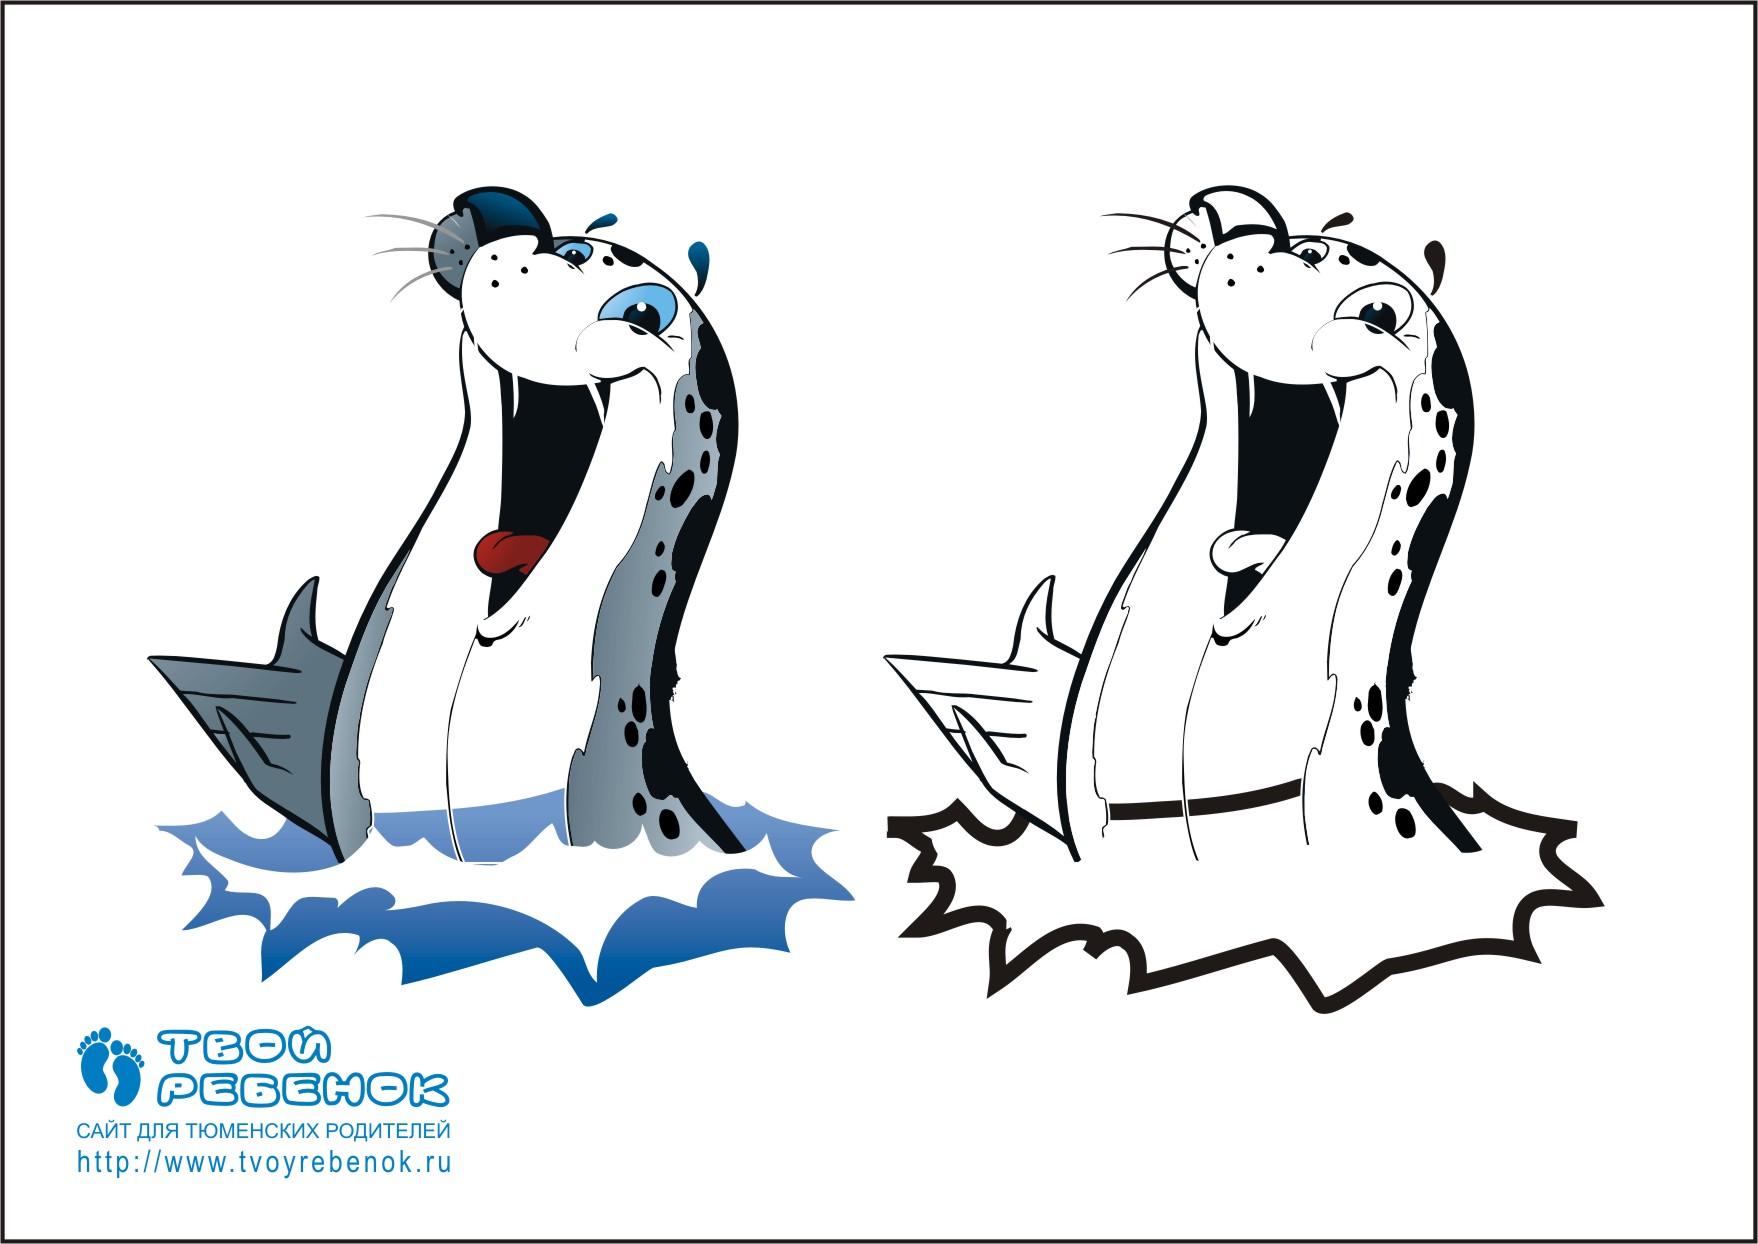 Раскраска морской котик   Скачать и распечатать бесплатно!